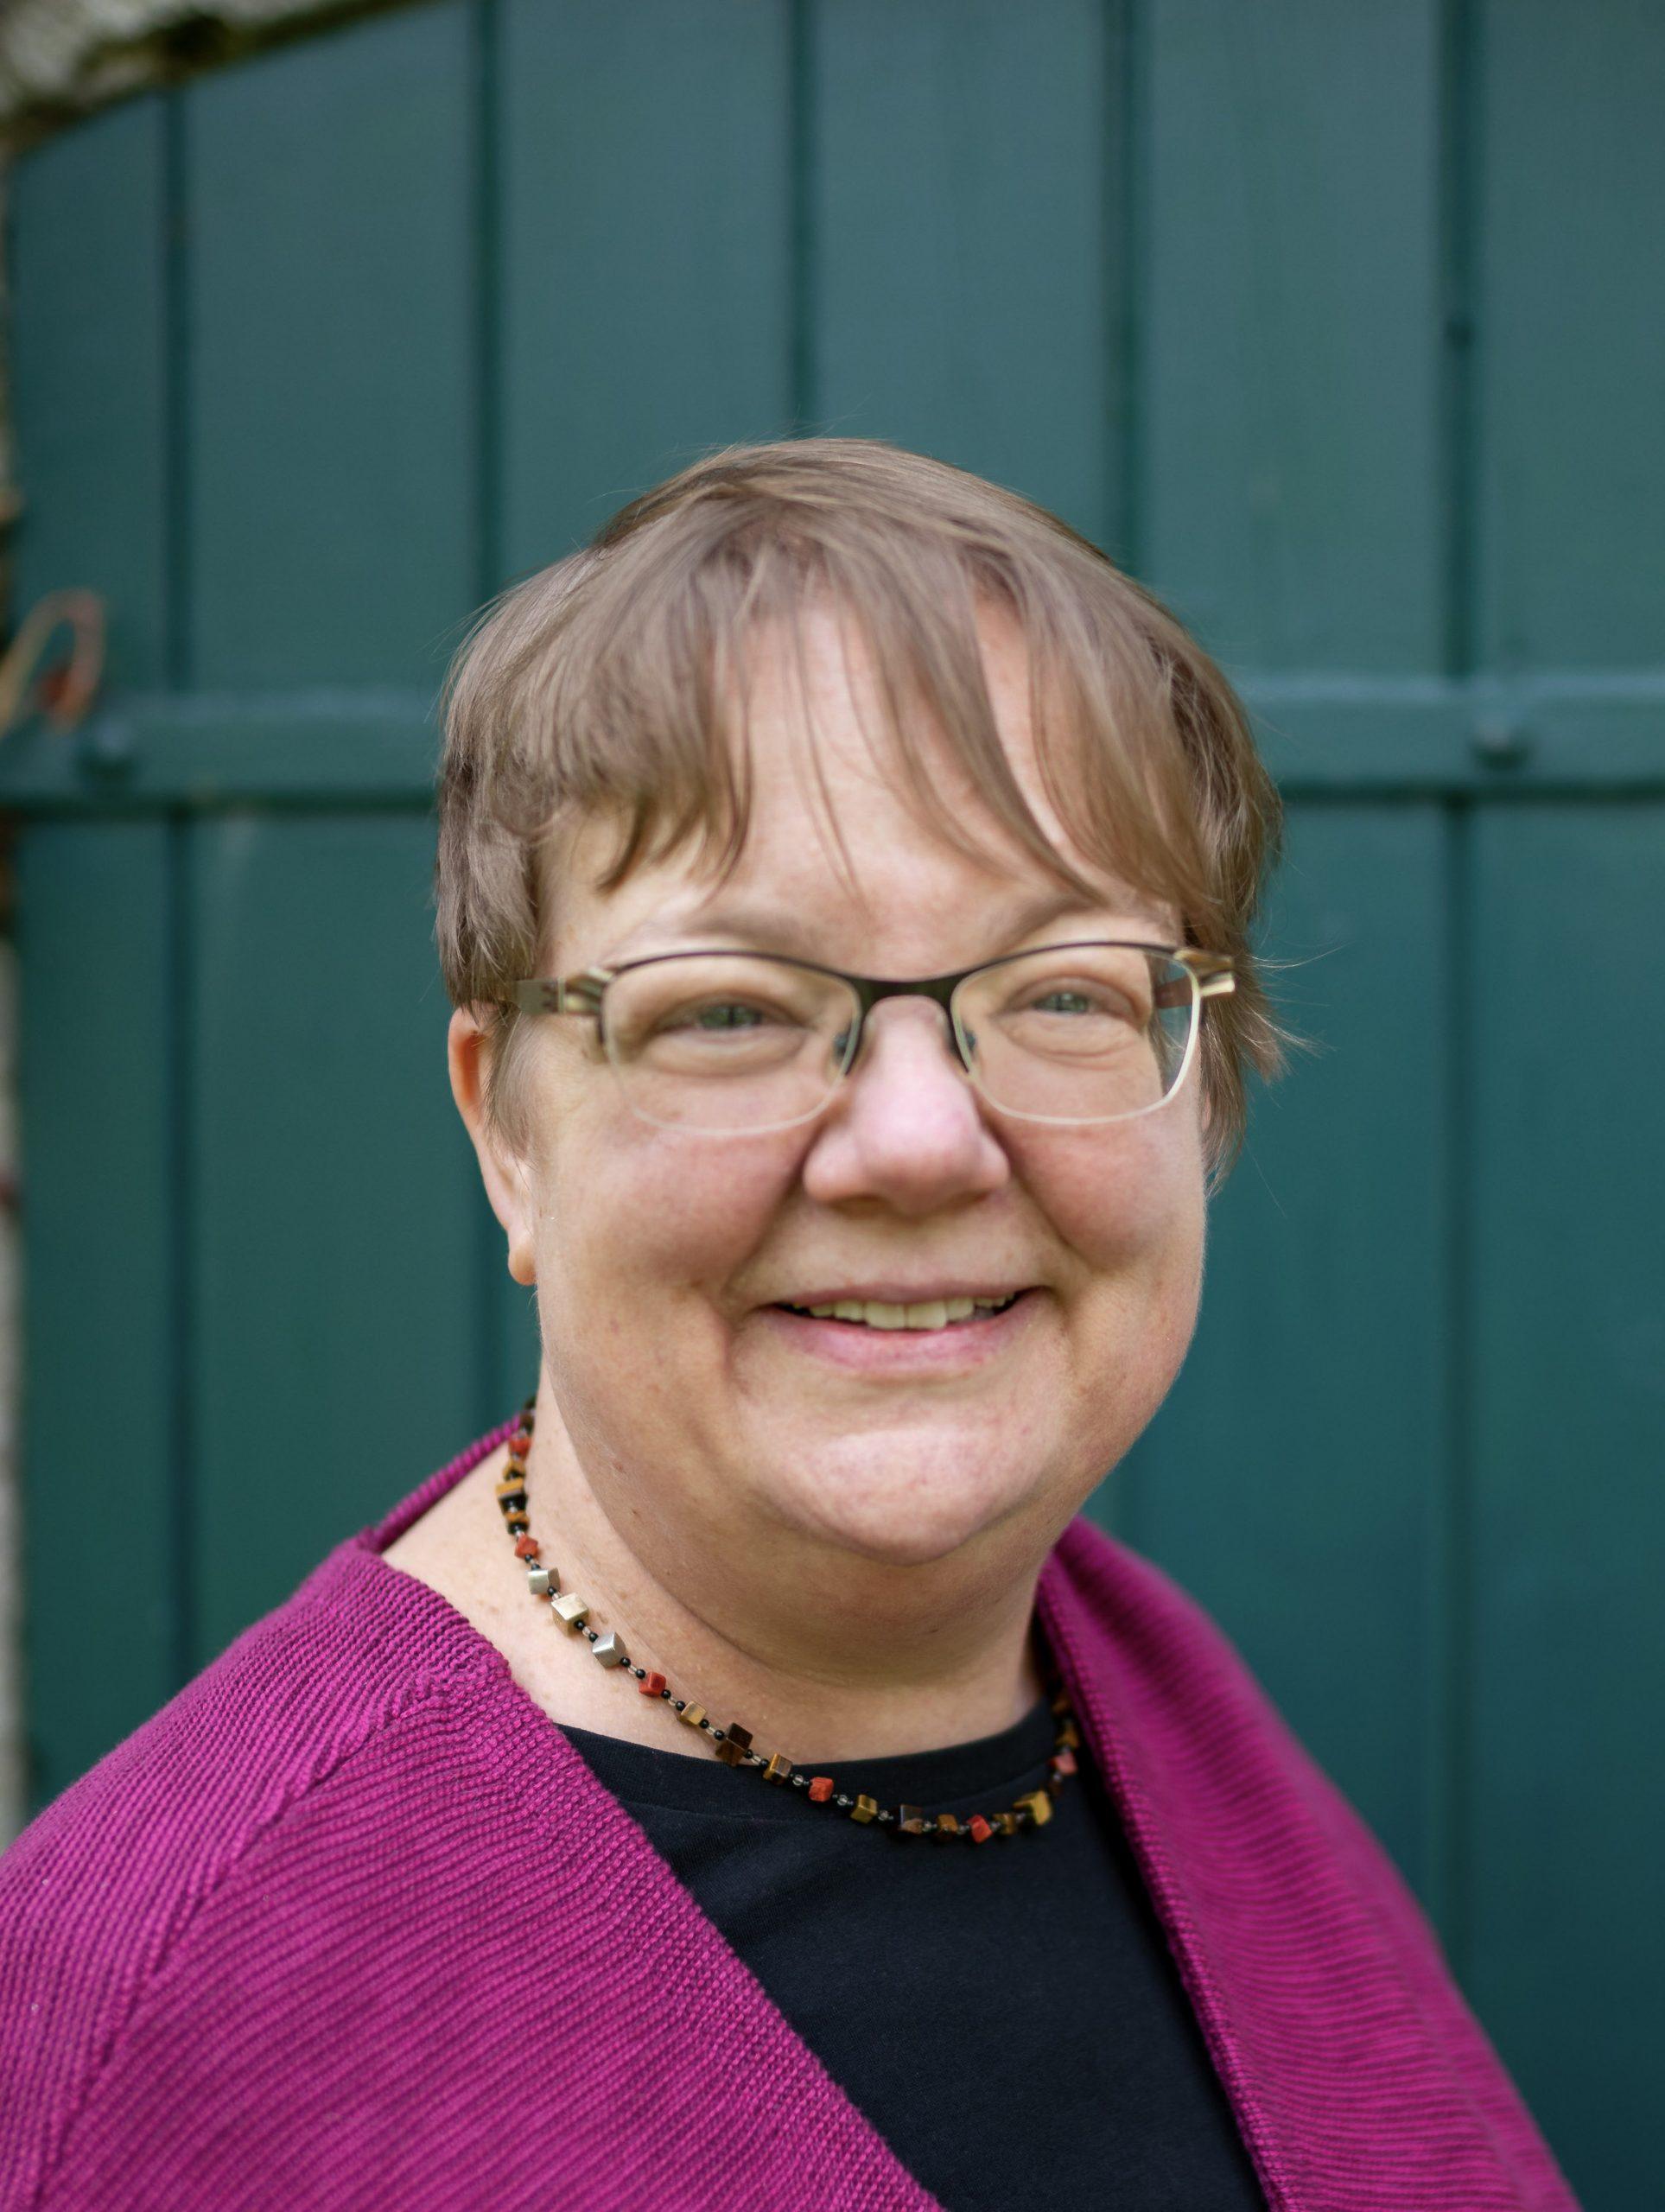 Margret Ammann